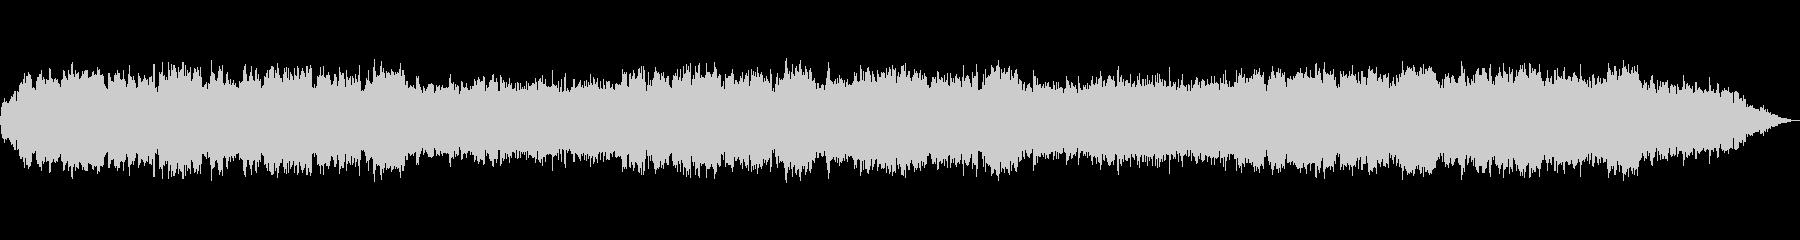 優しい笛のヒーリングミュージックの未再生の波形